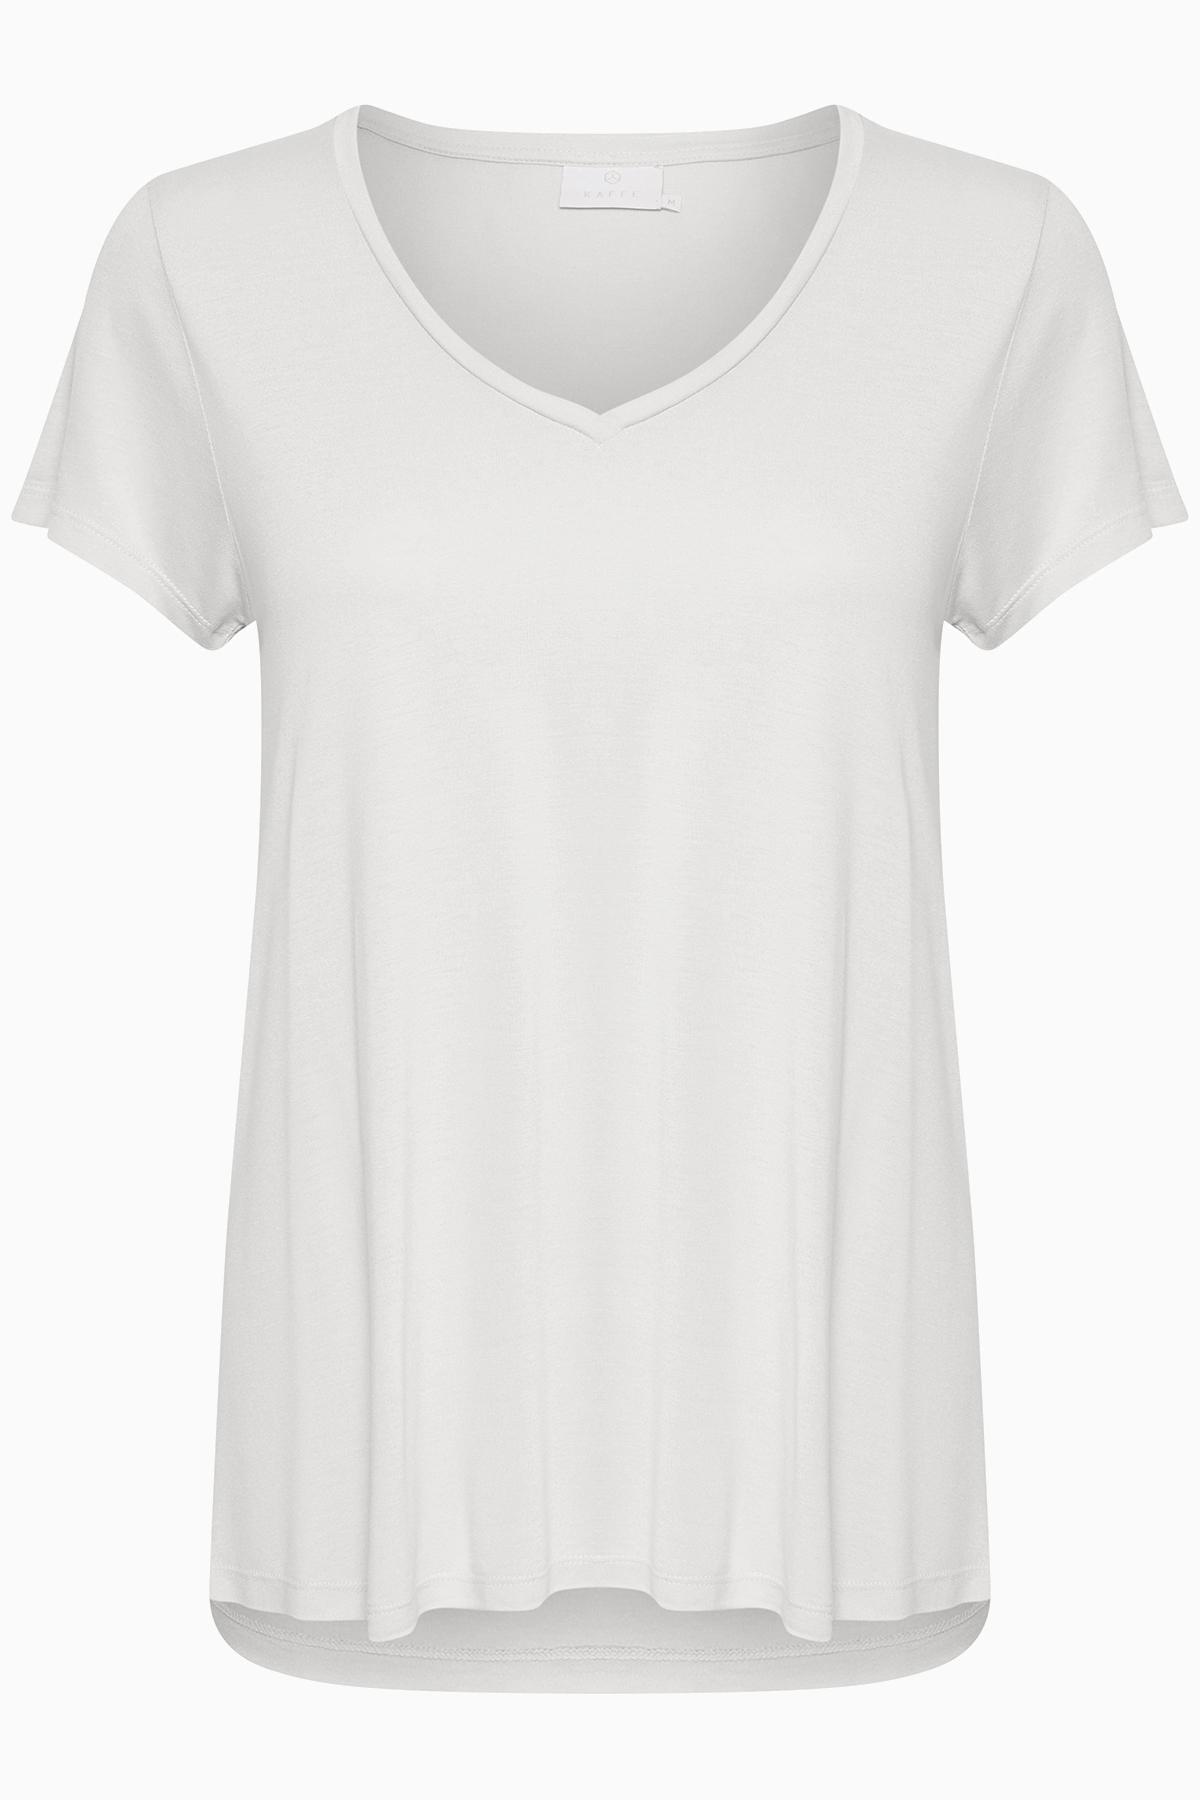 Vit Kortärmad T-shirt från Kaffe – Köp Vit Kortärmad T-shirt från stl. XS-XXL här